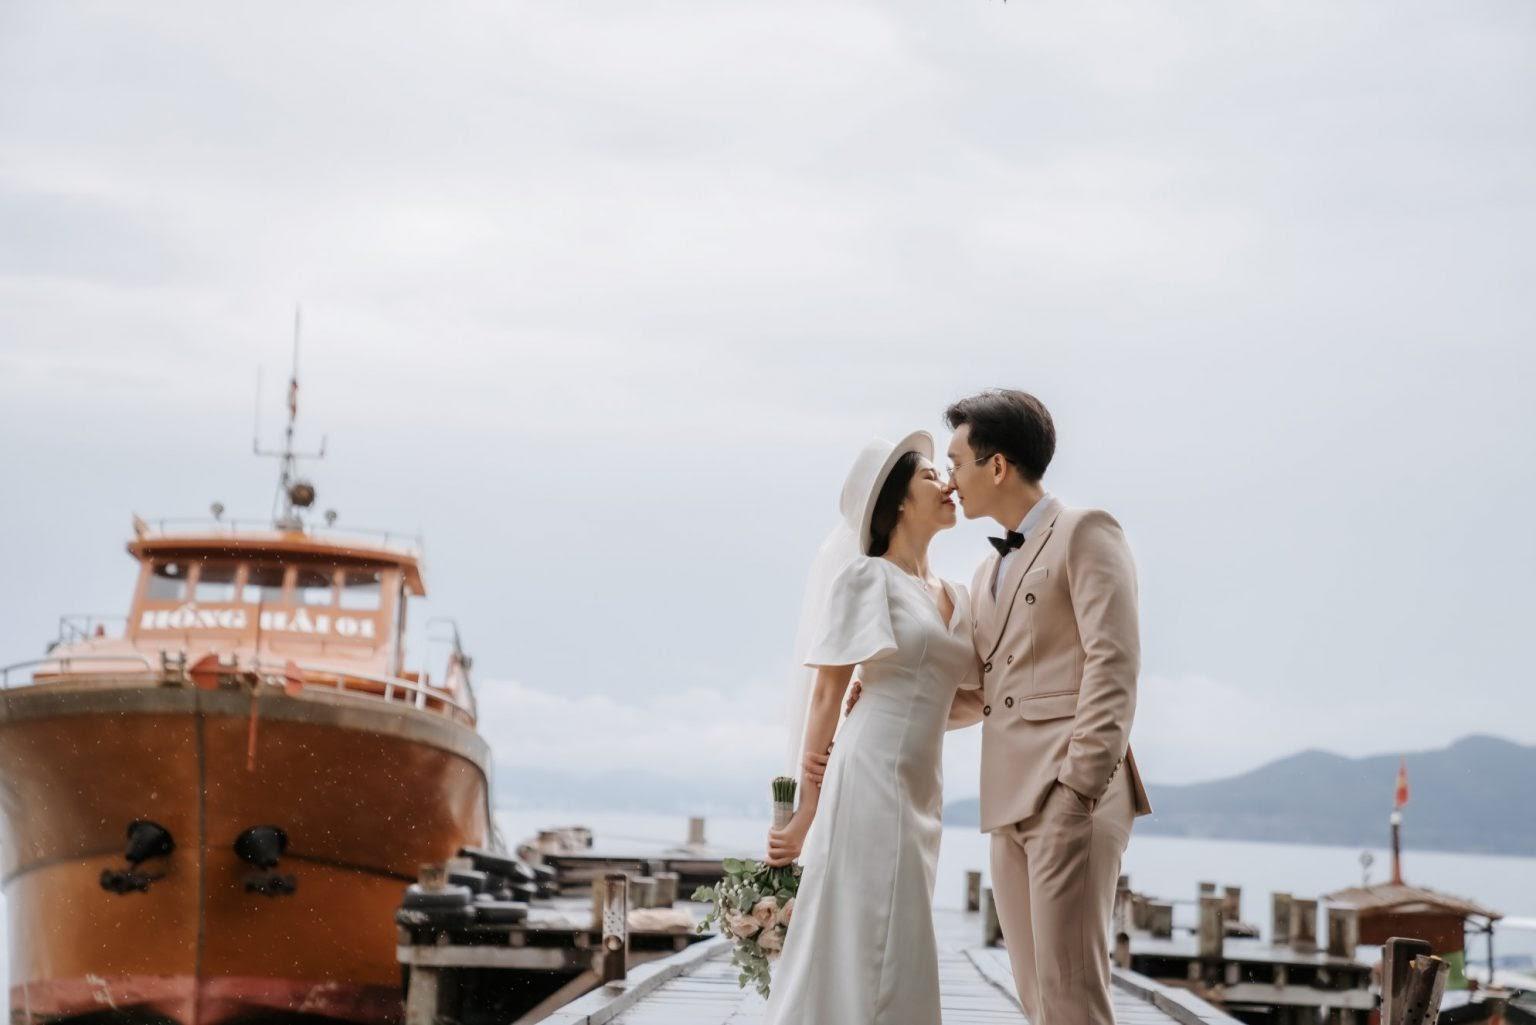 Xoài Wedding dịch vụ chụp ảnh cưới chuyên nghiệp, uy tín